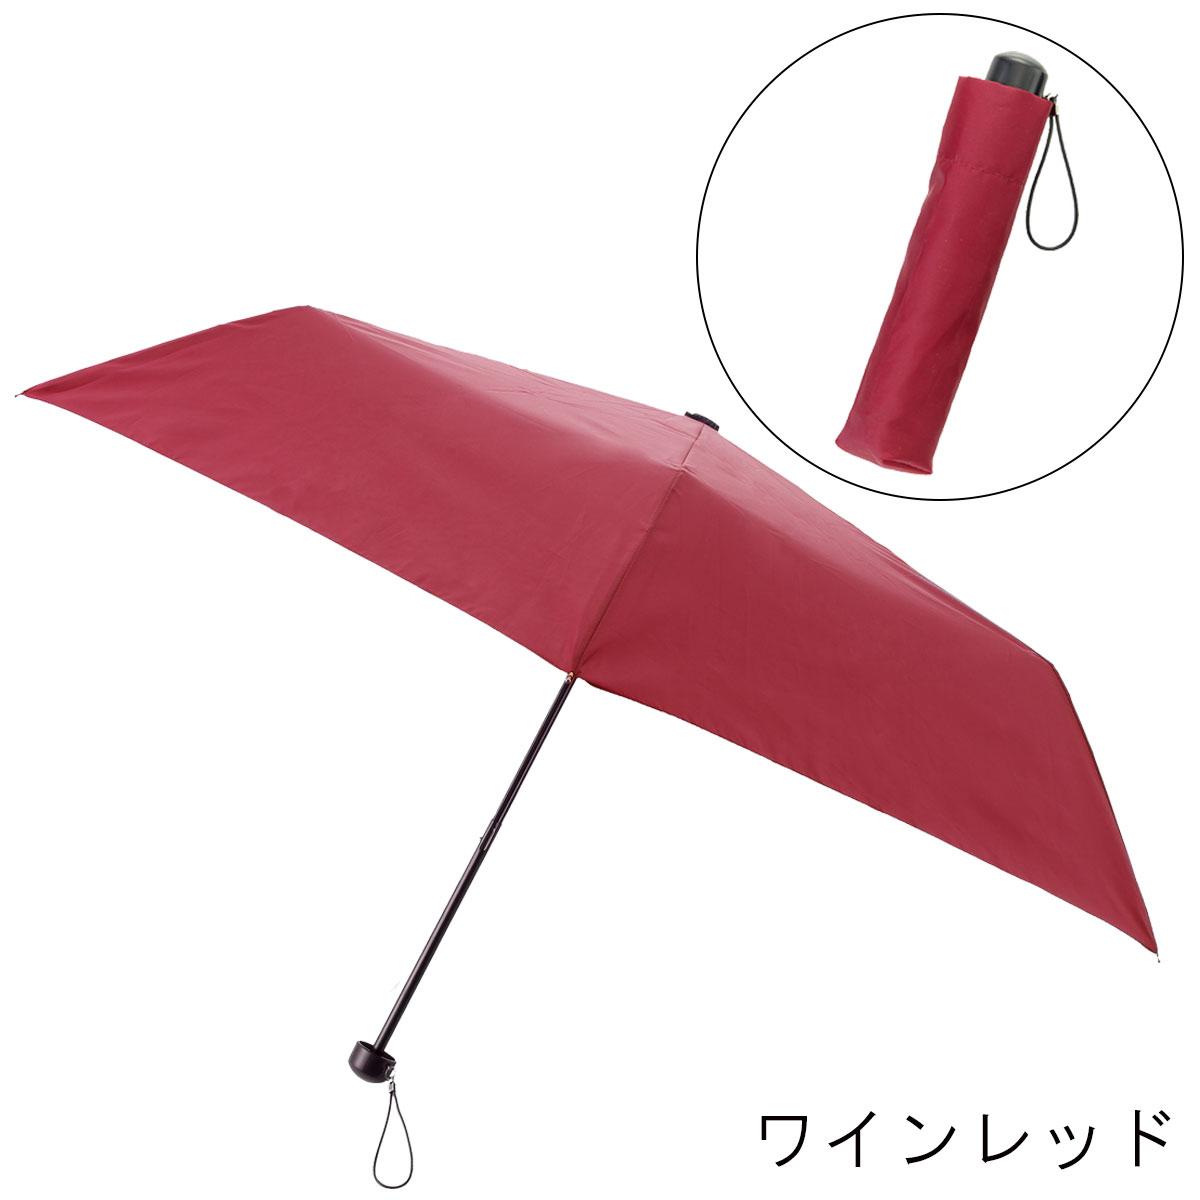 サイクロン折りたたみ傘 耐風構造 4色展開 包装箱入り